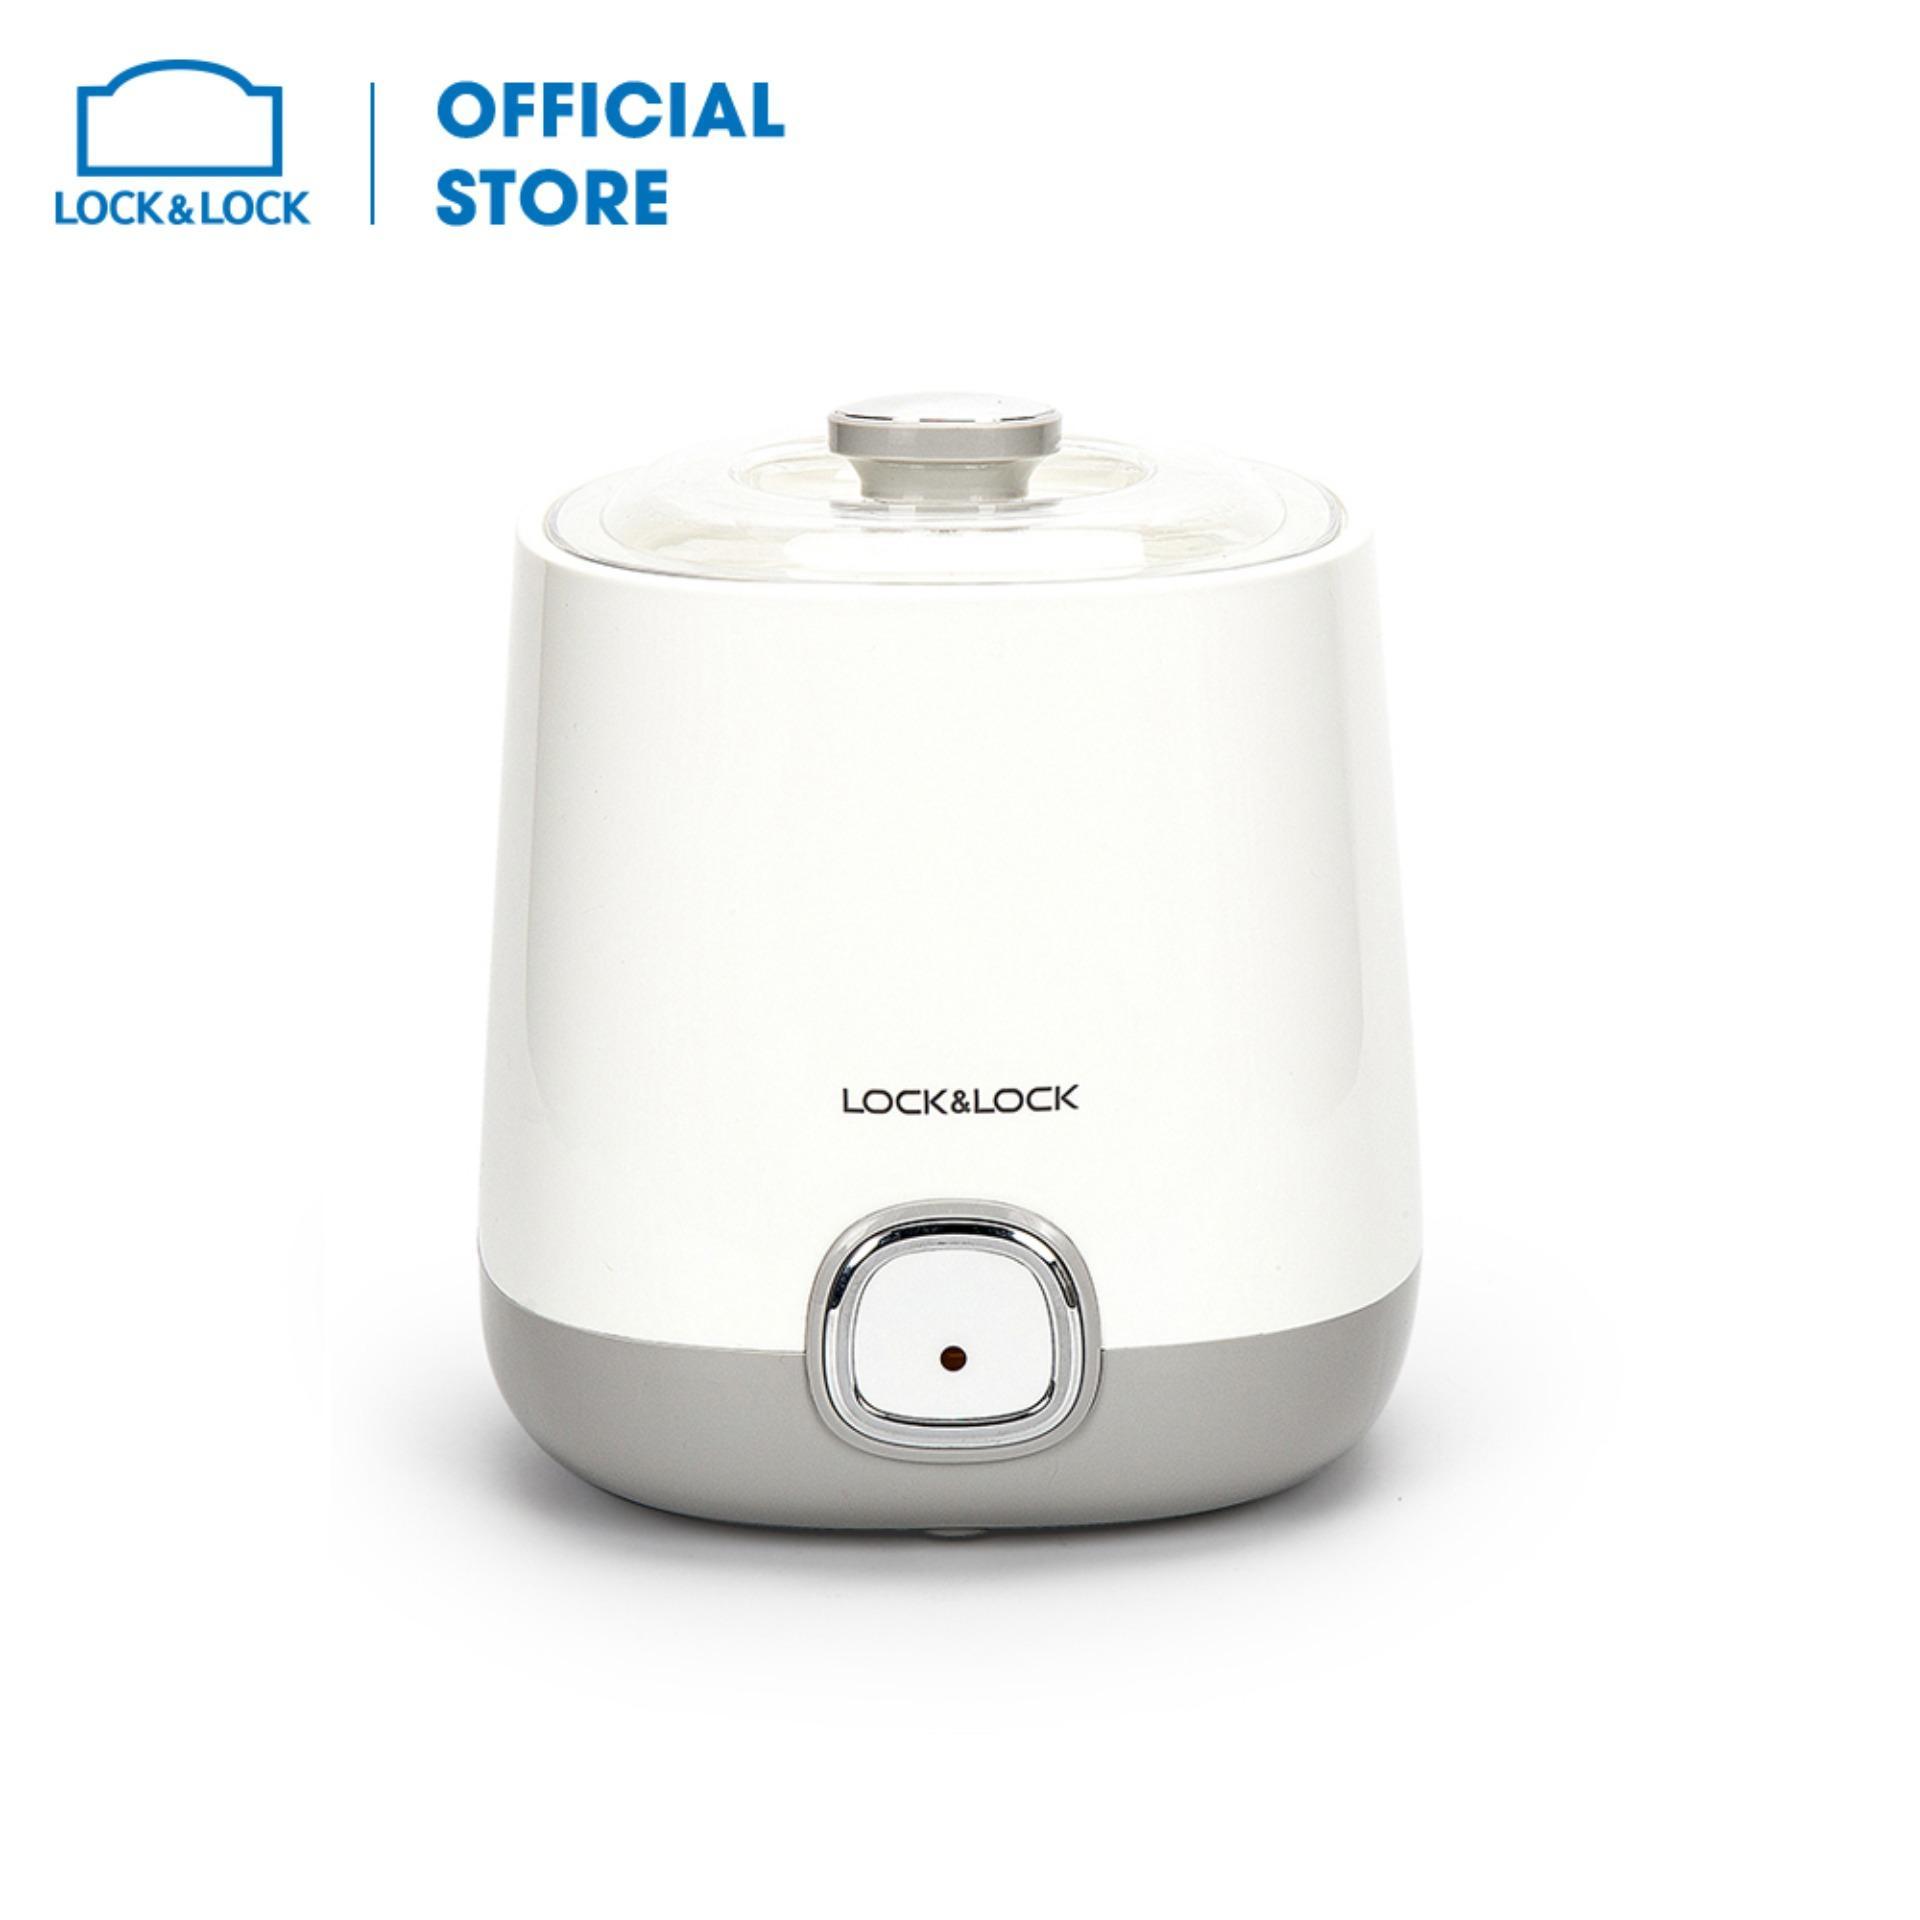 Máy làm sữa chua Lock&Lock EJY110SLV - Dung tích 1000ml - Công suất 20W - Dễ dàng vệ sinh - Hàng chính hãng